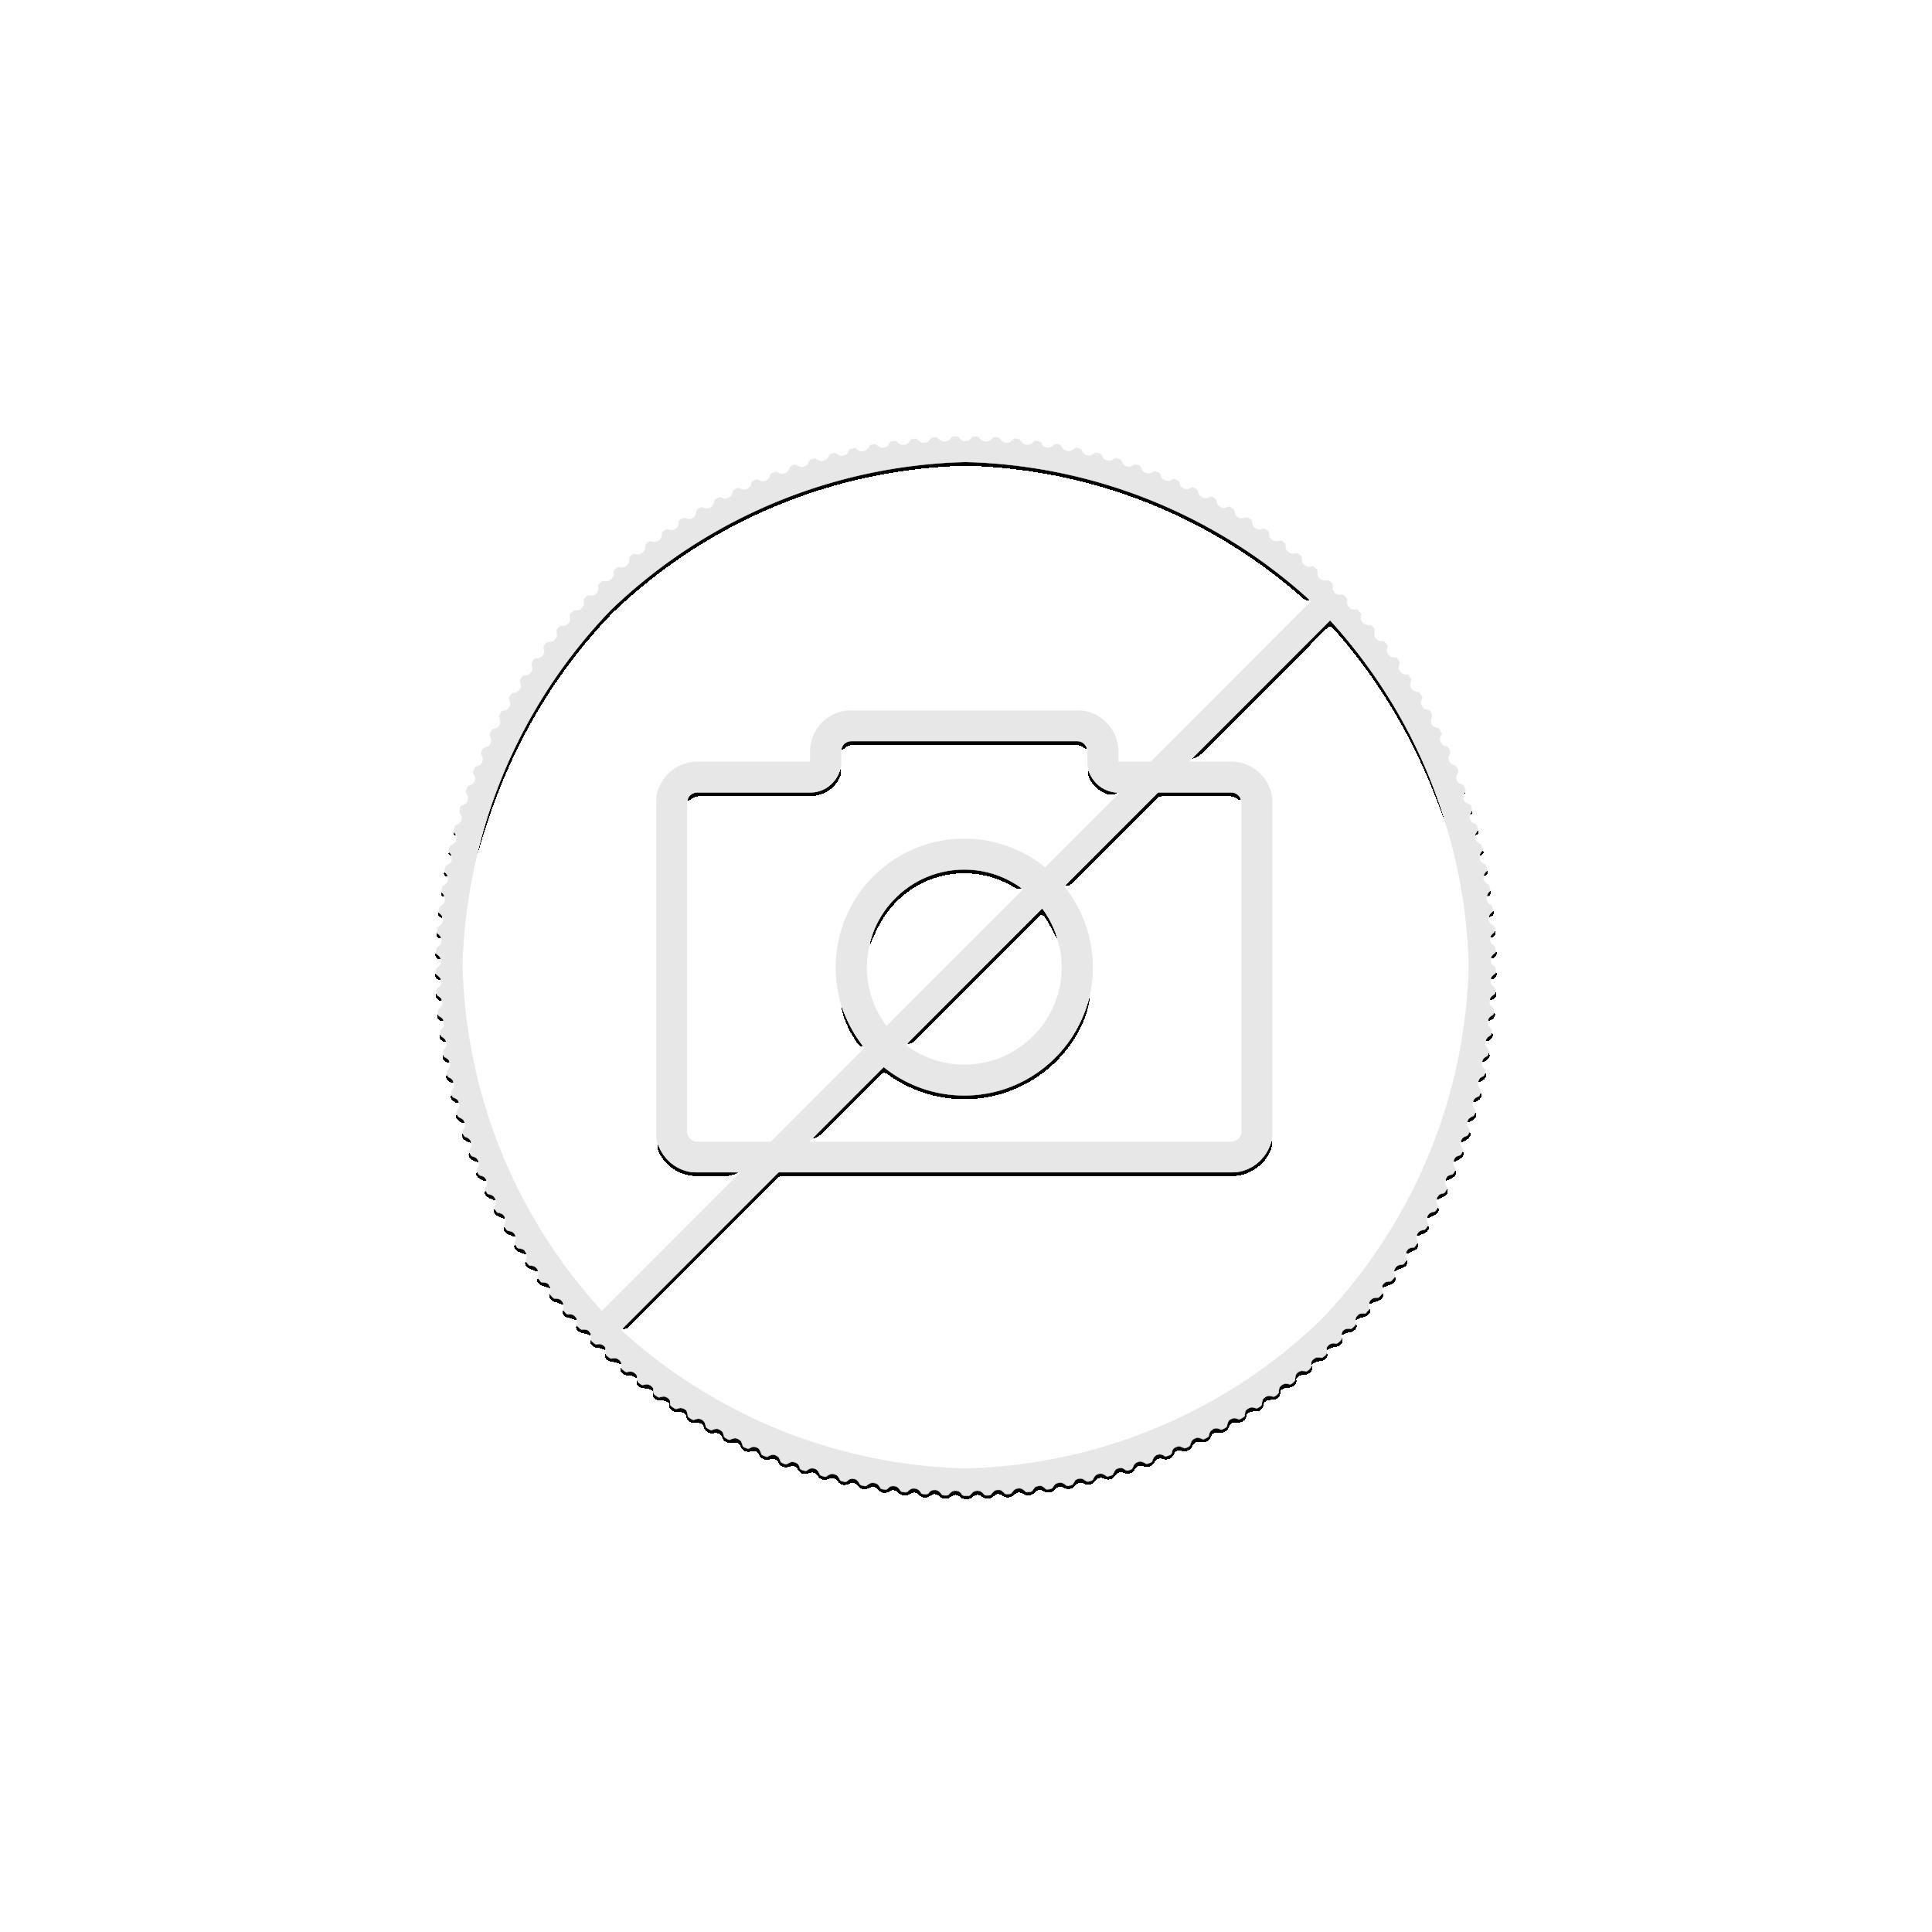 Gouden Panda munt 150 gram 2021 Proof